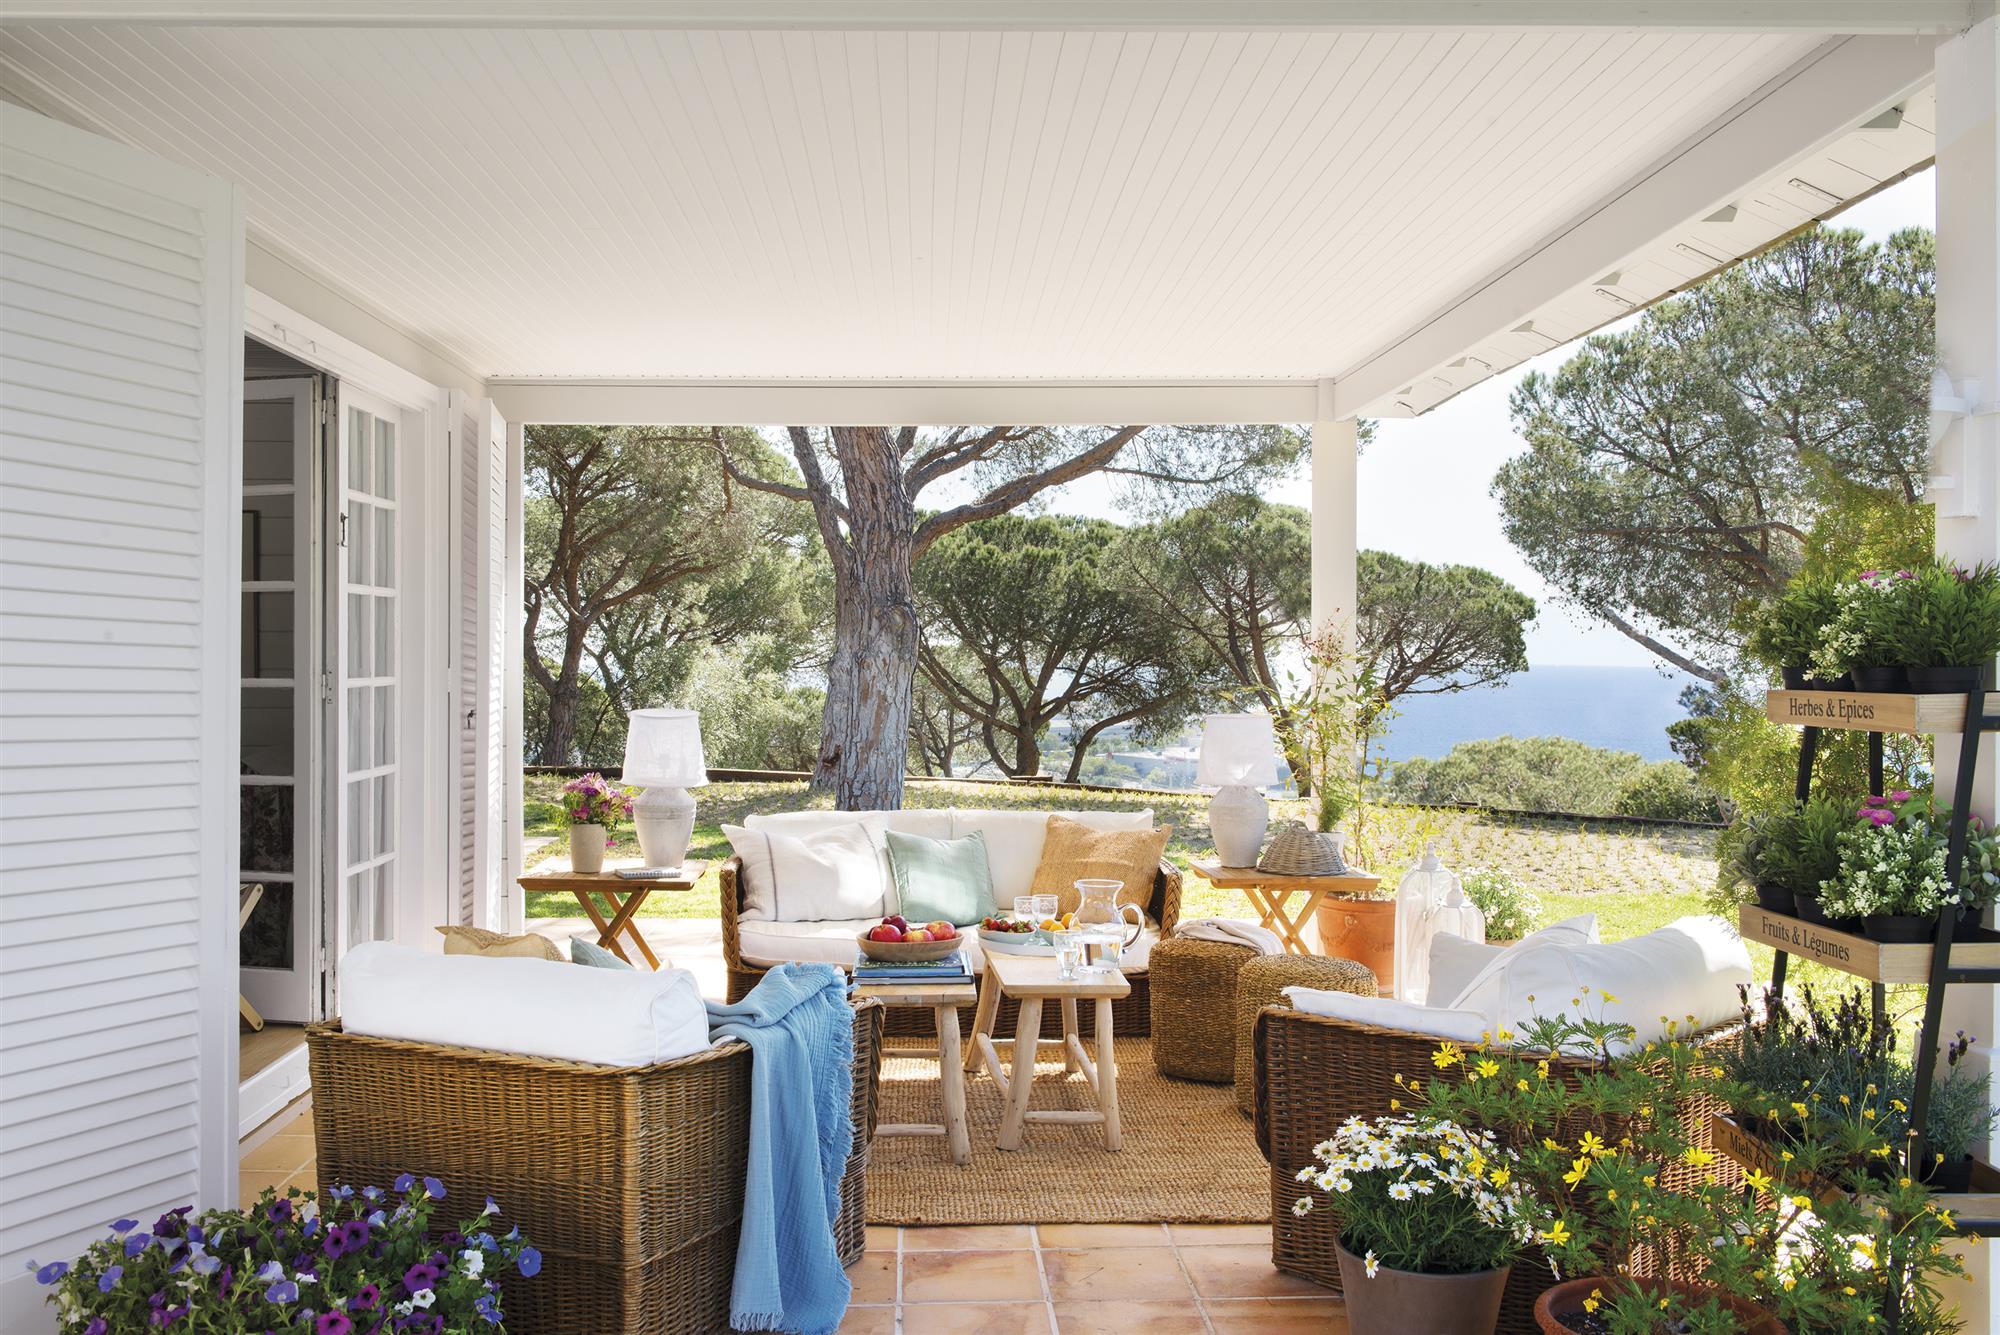 Casa de madera con piscina en la playa - Como decorar un porche ...